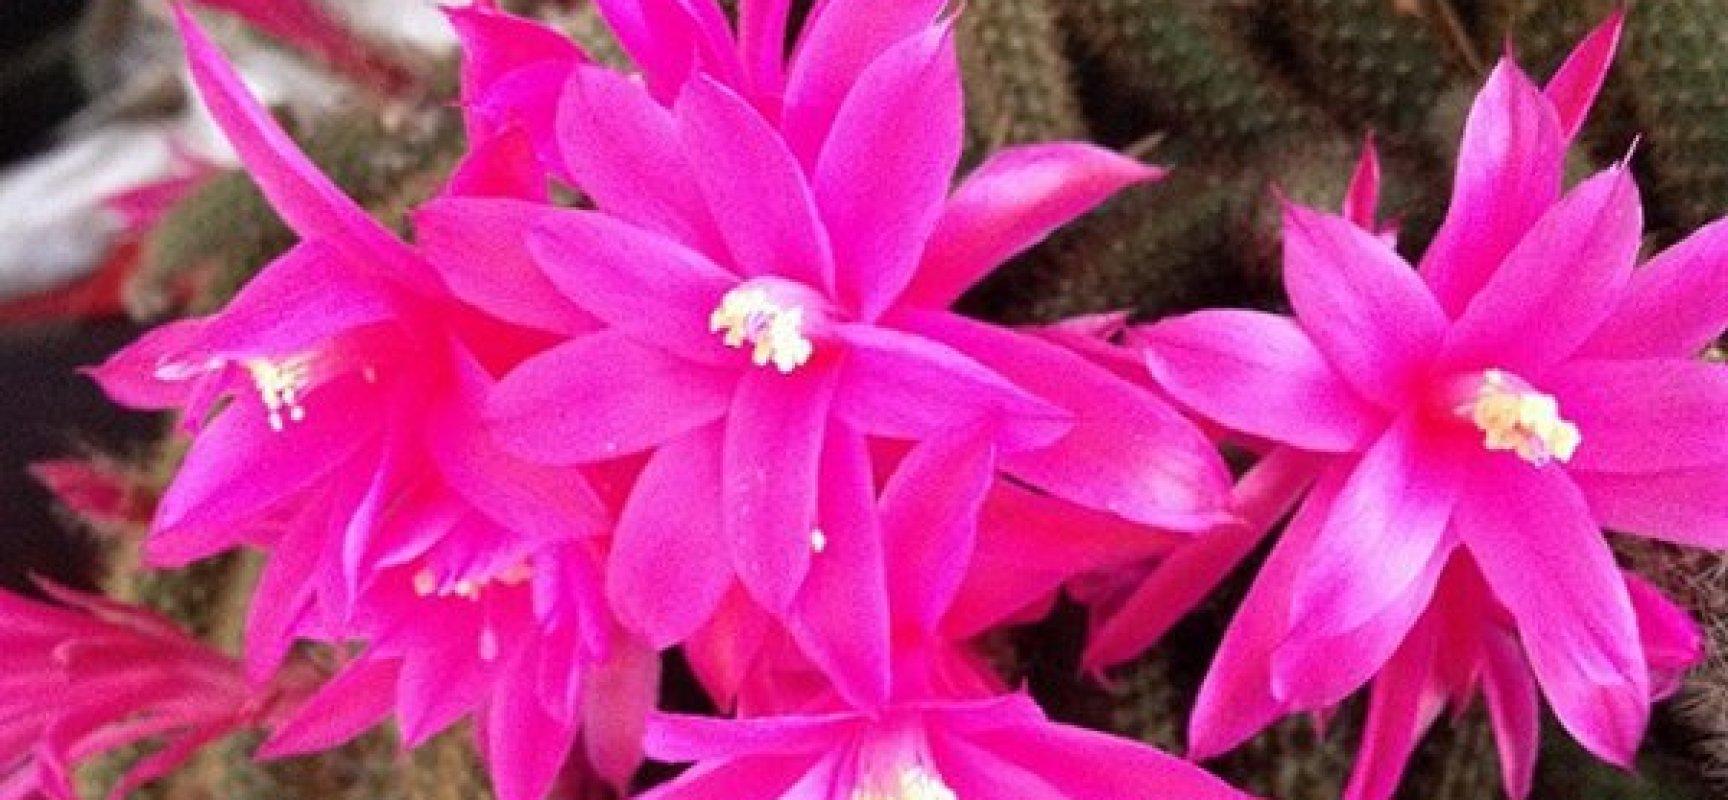 Piante grasse le variet pi belle di cactus da tenere in casa verde azzurro notizie - Le piante grasse si possono tenere in casa ...